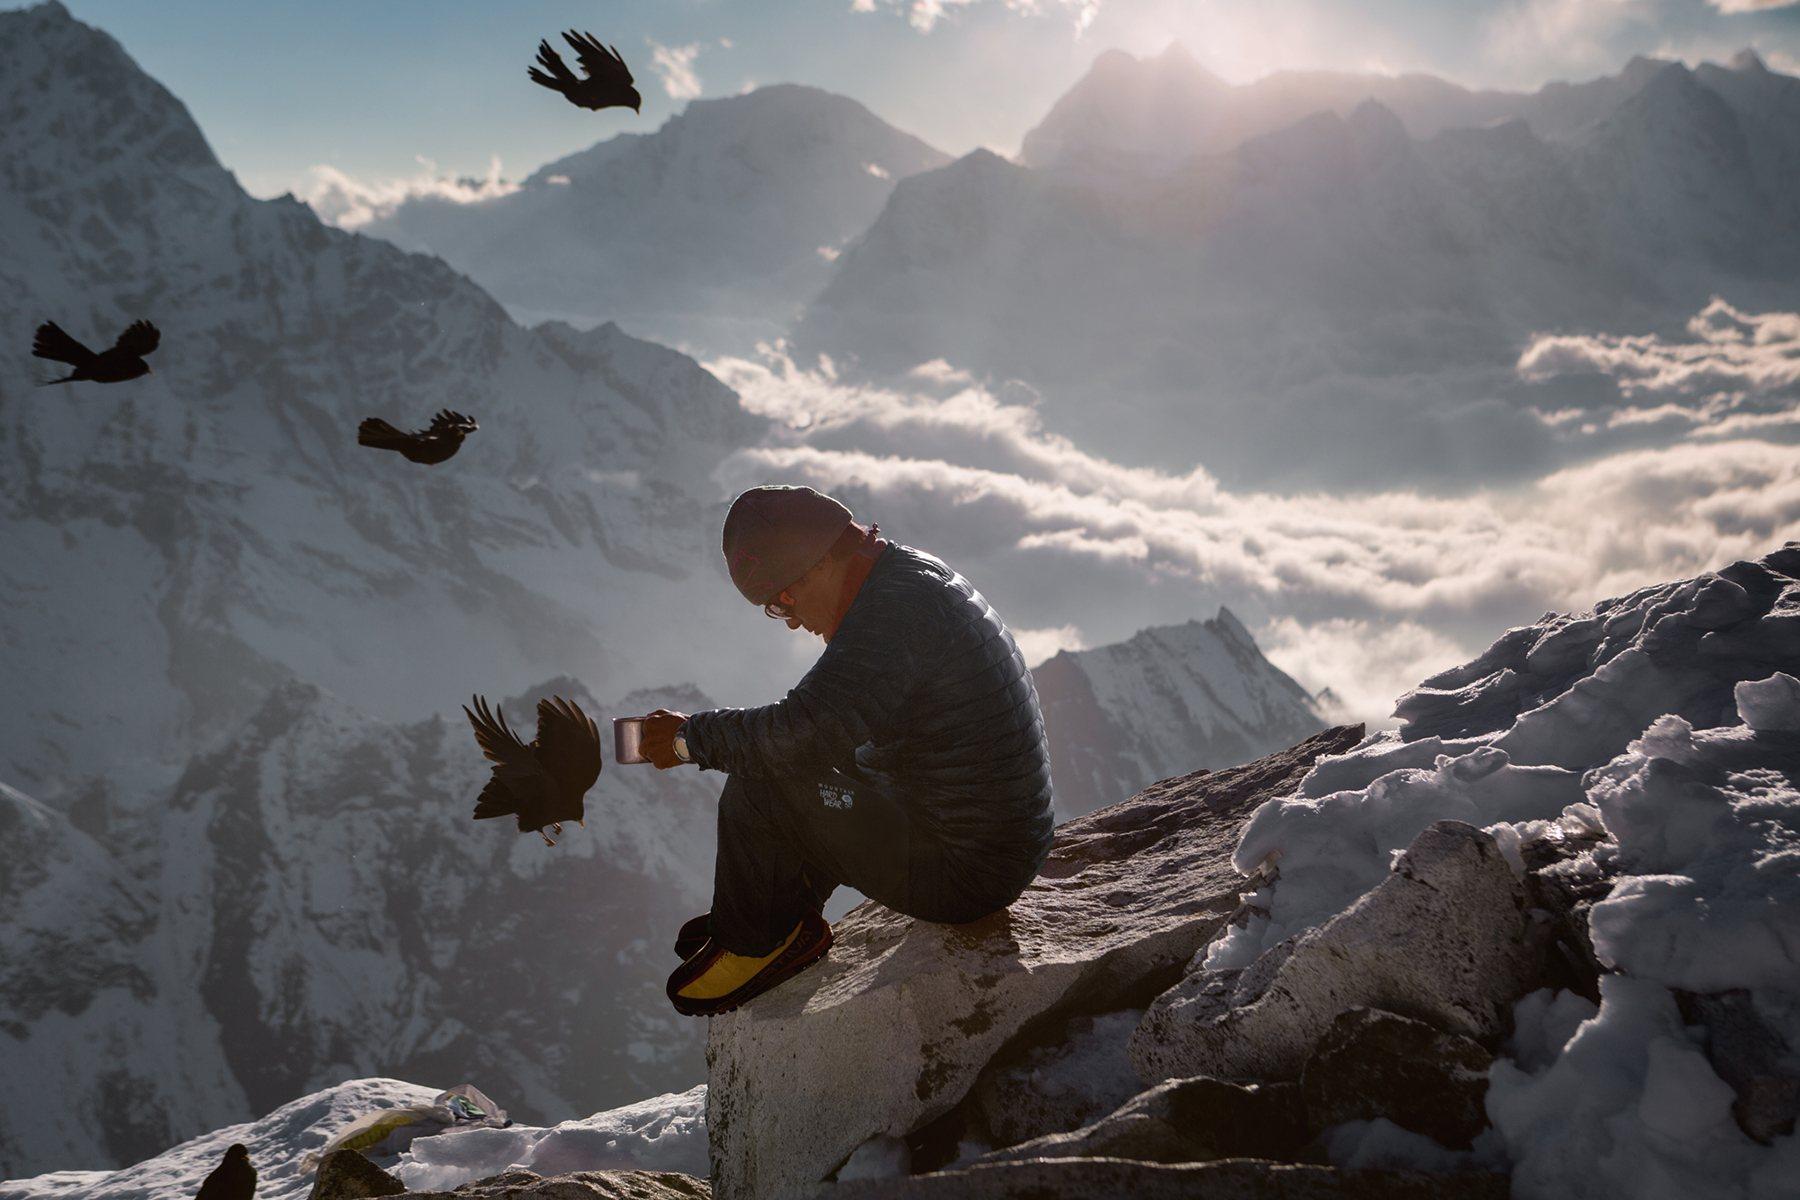 Шерпа, сопровождающий группу альпинистов во время восхождения на вершину горы Ама-Даблам, высота